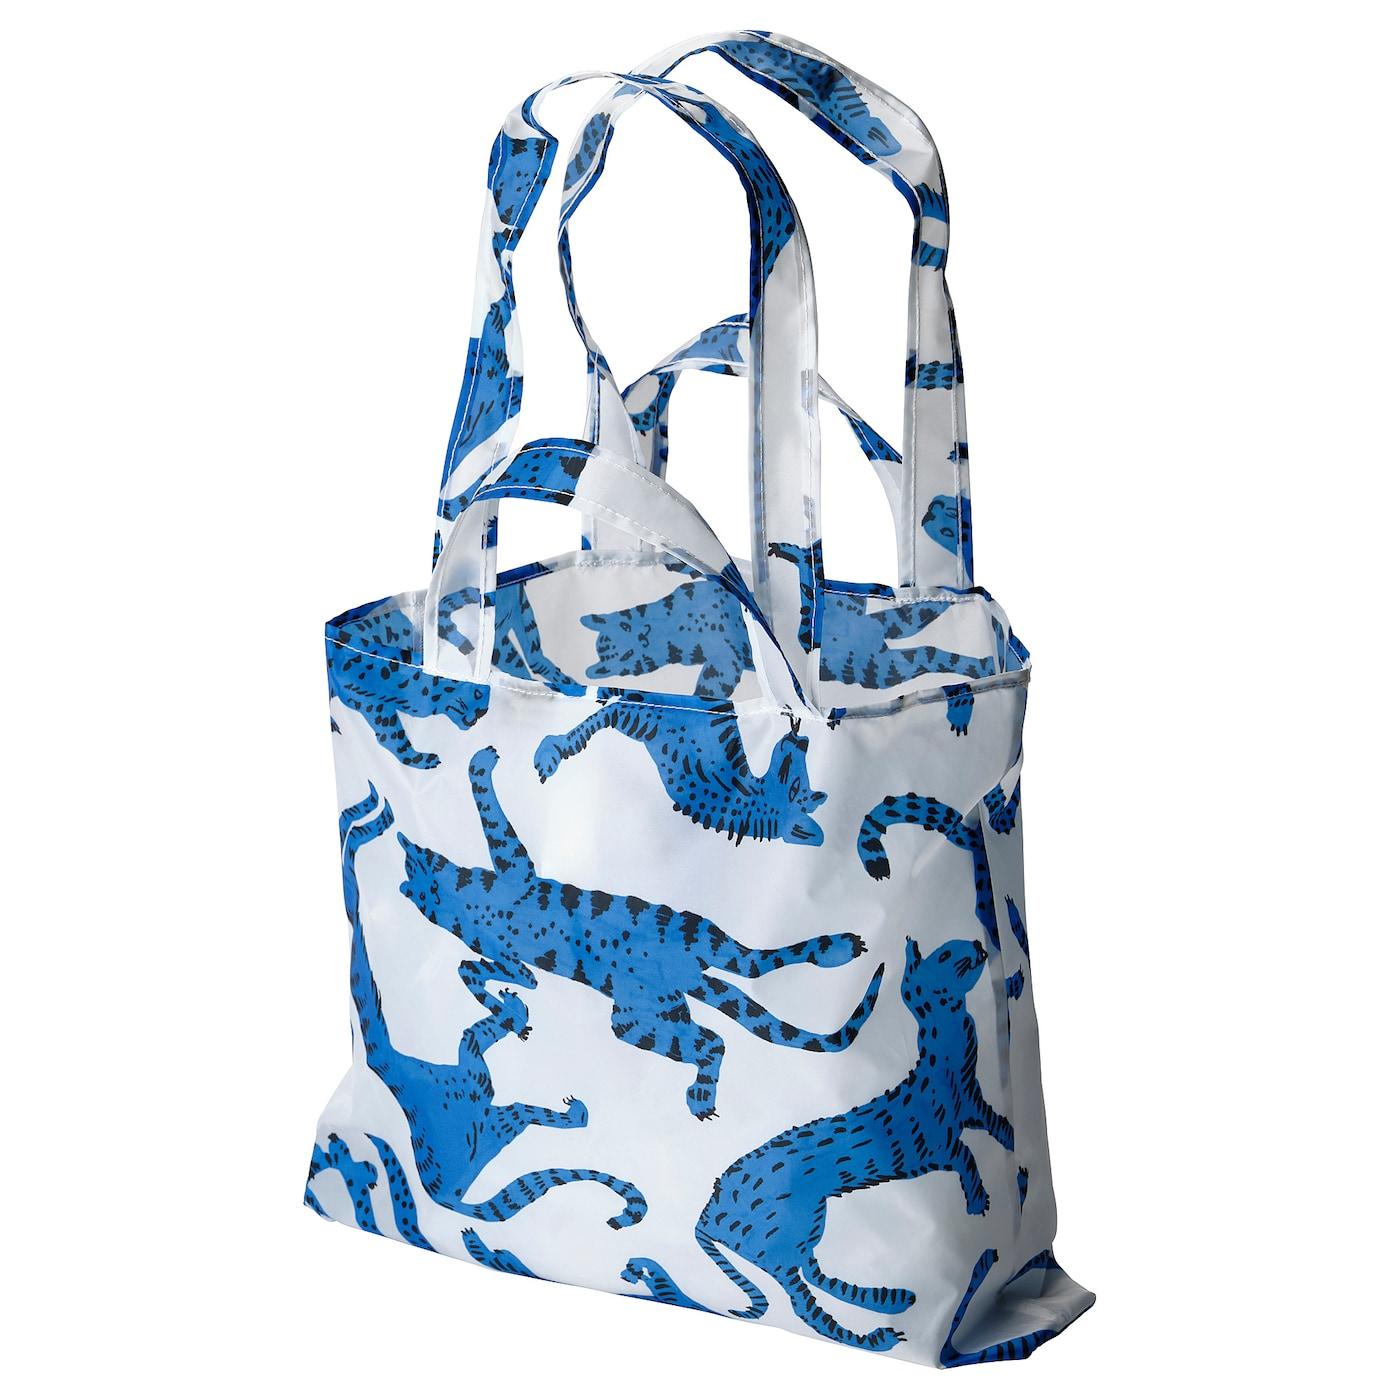 SKYNKE Carrier bag - patterned cat/blue white